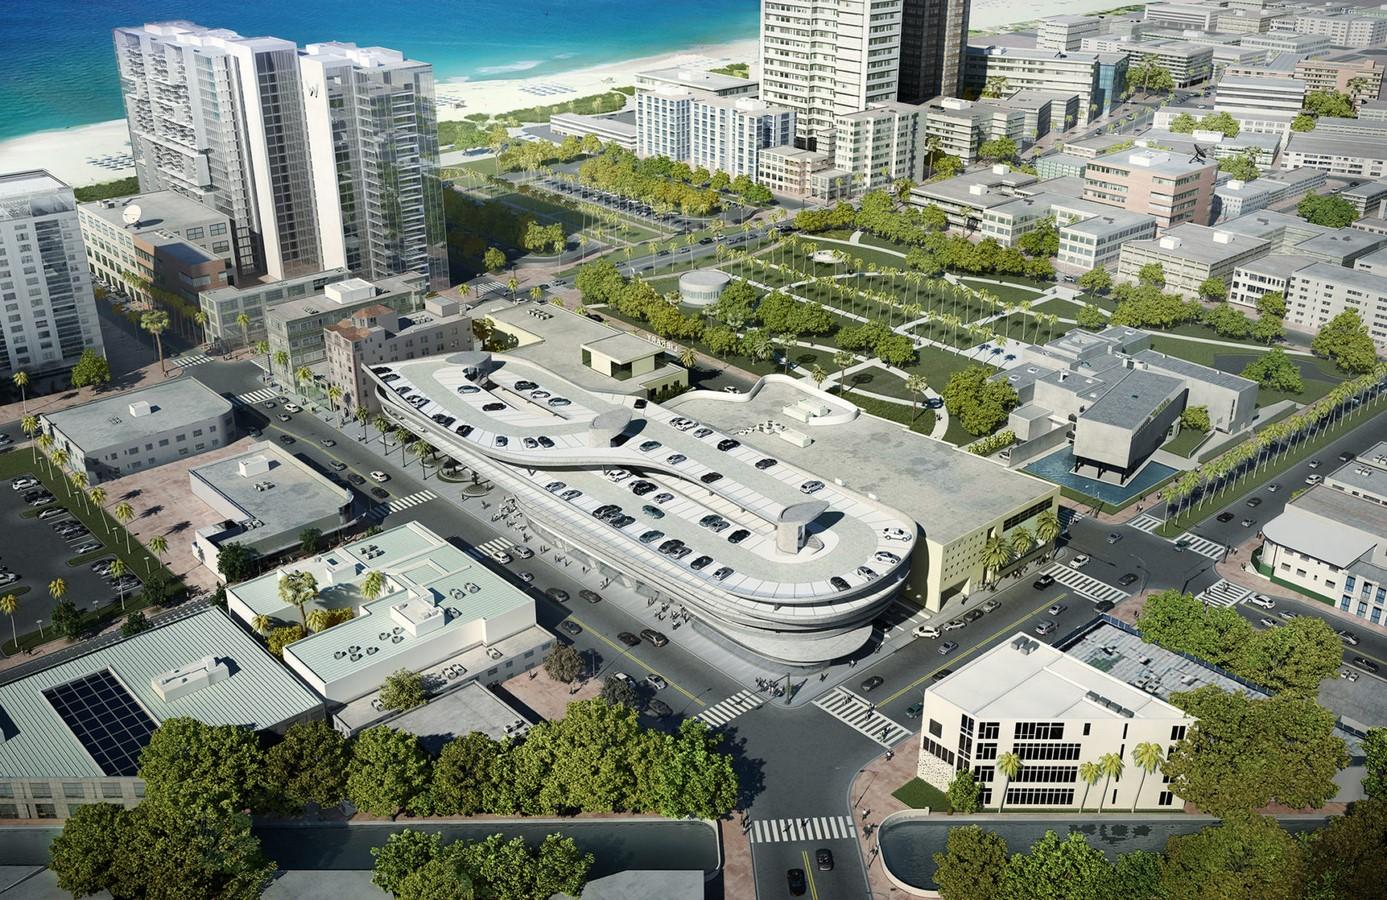 Collins Park Place, Miami - Sheet2